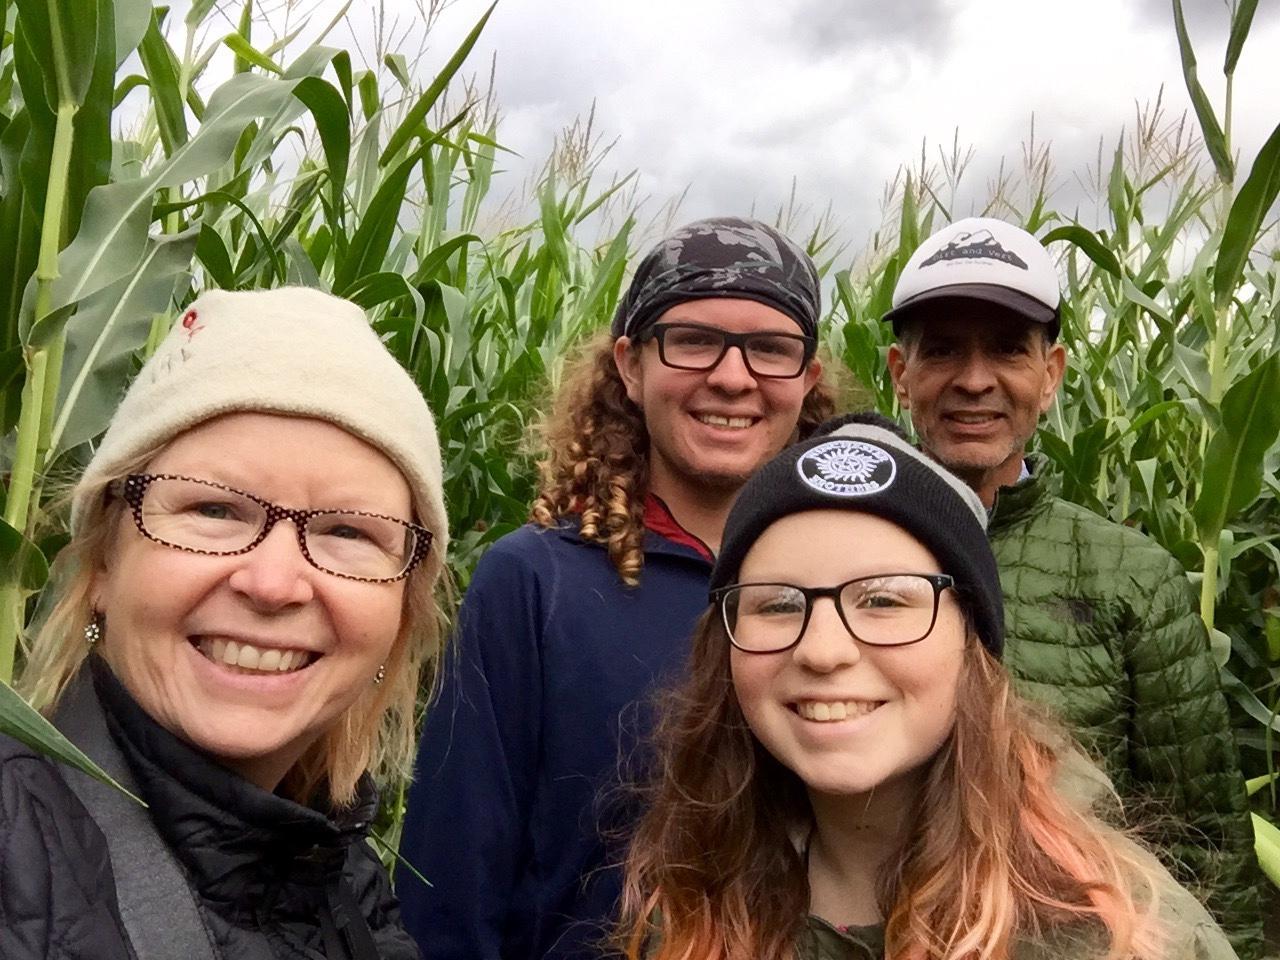 In the corn maze.